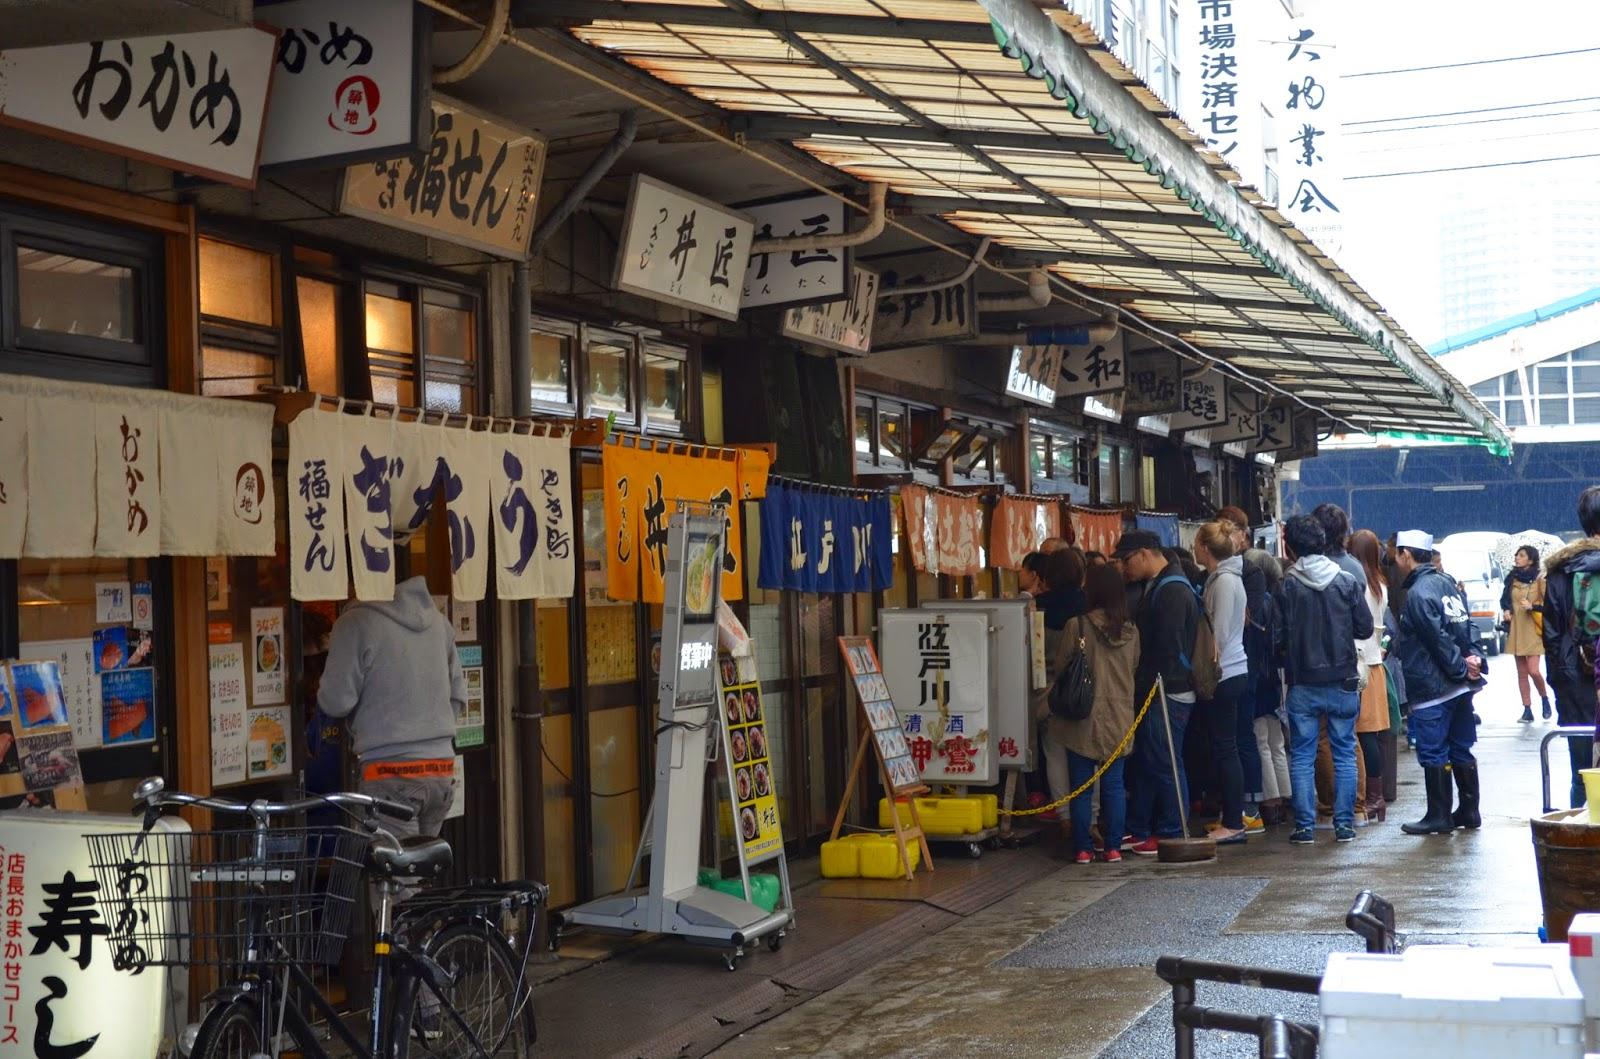 Tokyo japan day 5 tsukiji fish market tokyo for Japan fish market